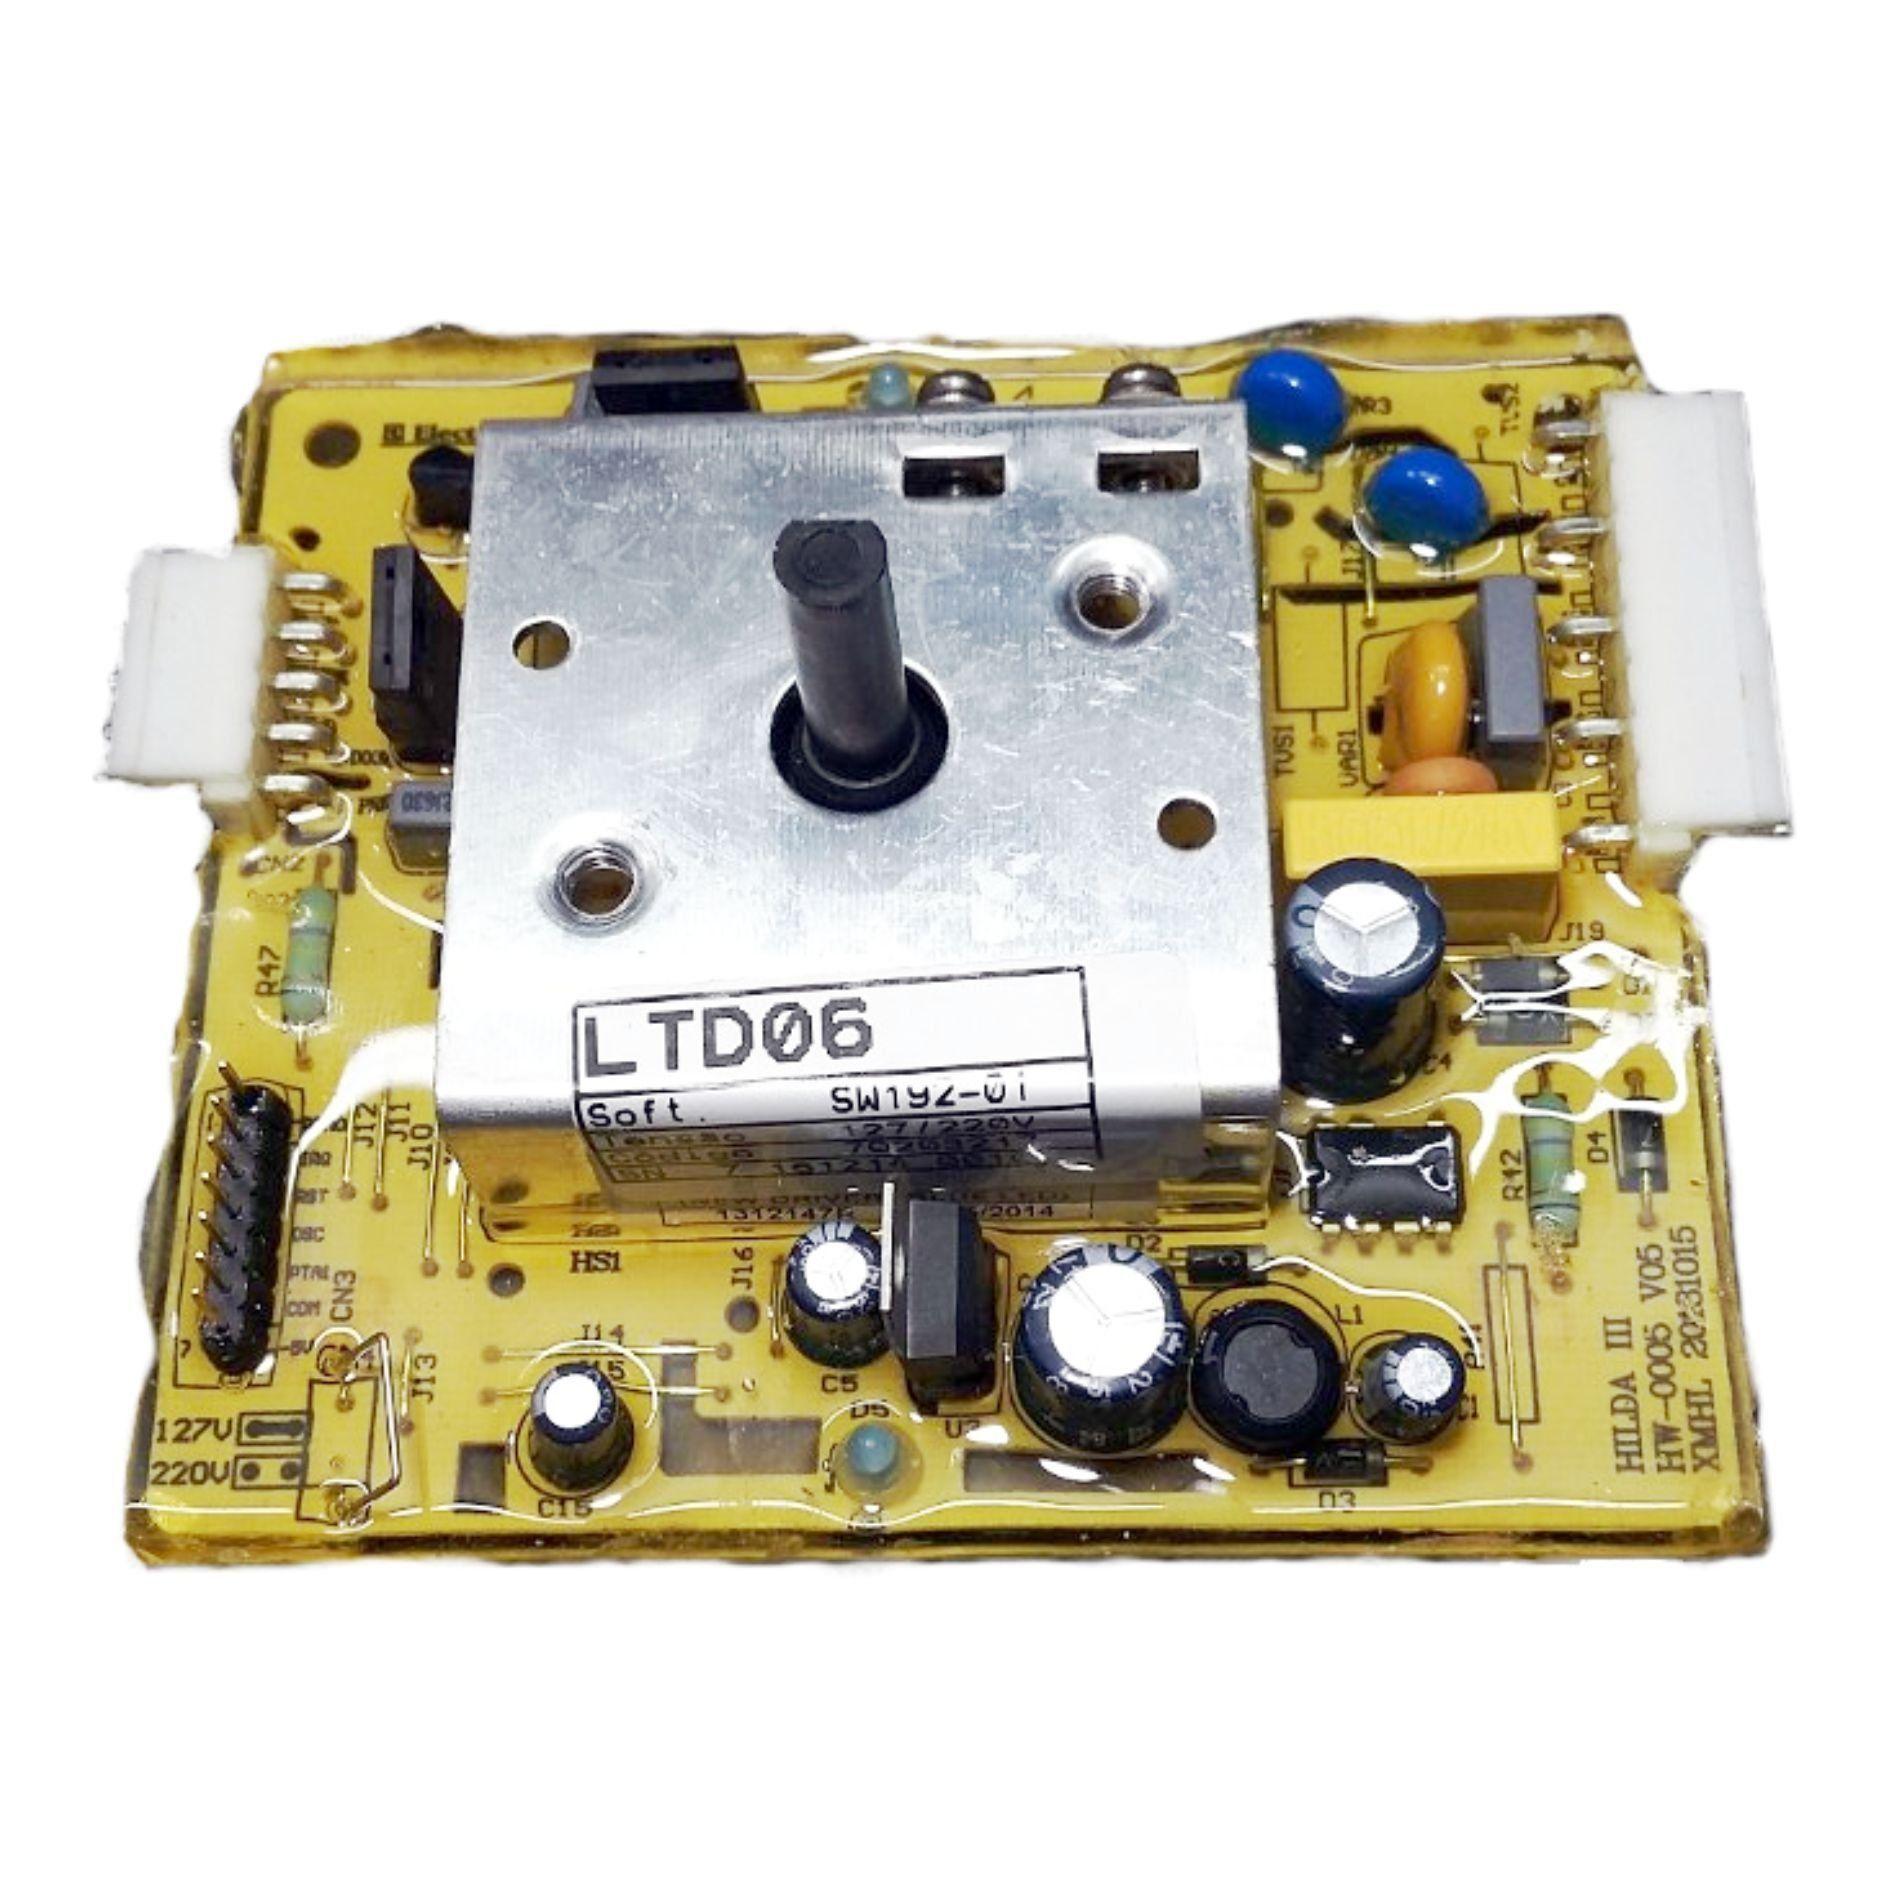 Placa De Potência Lavadora Electrolux Bivolt Ltd06 - 70202985